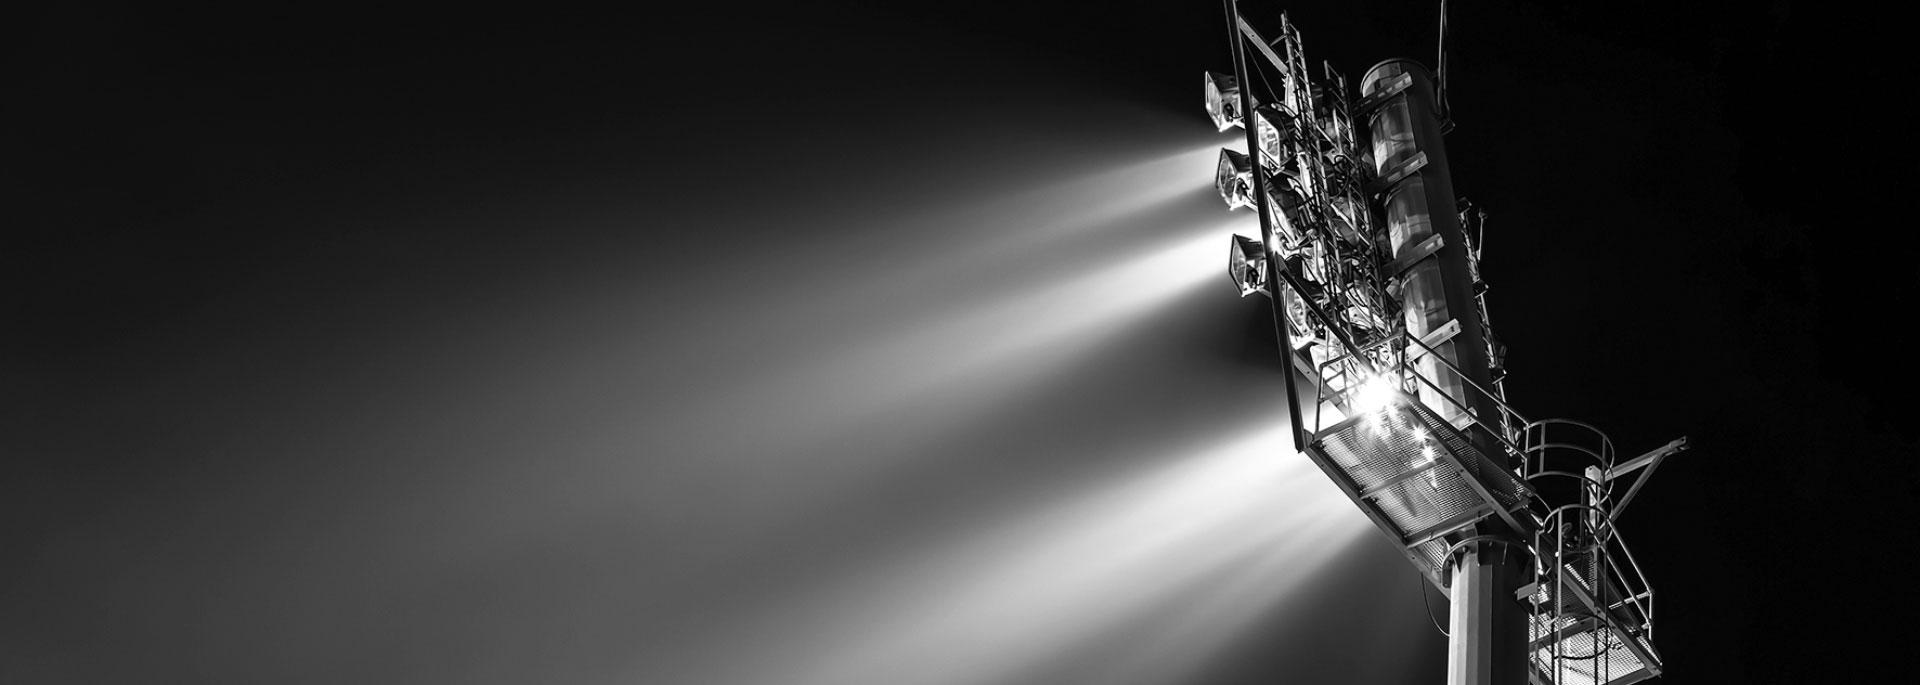 Airius LED Lighting LED Flood Light 1